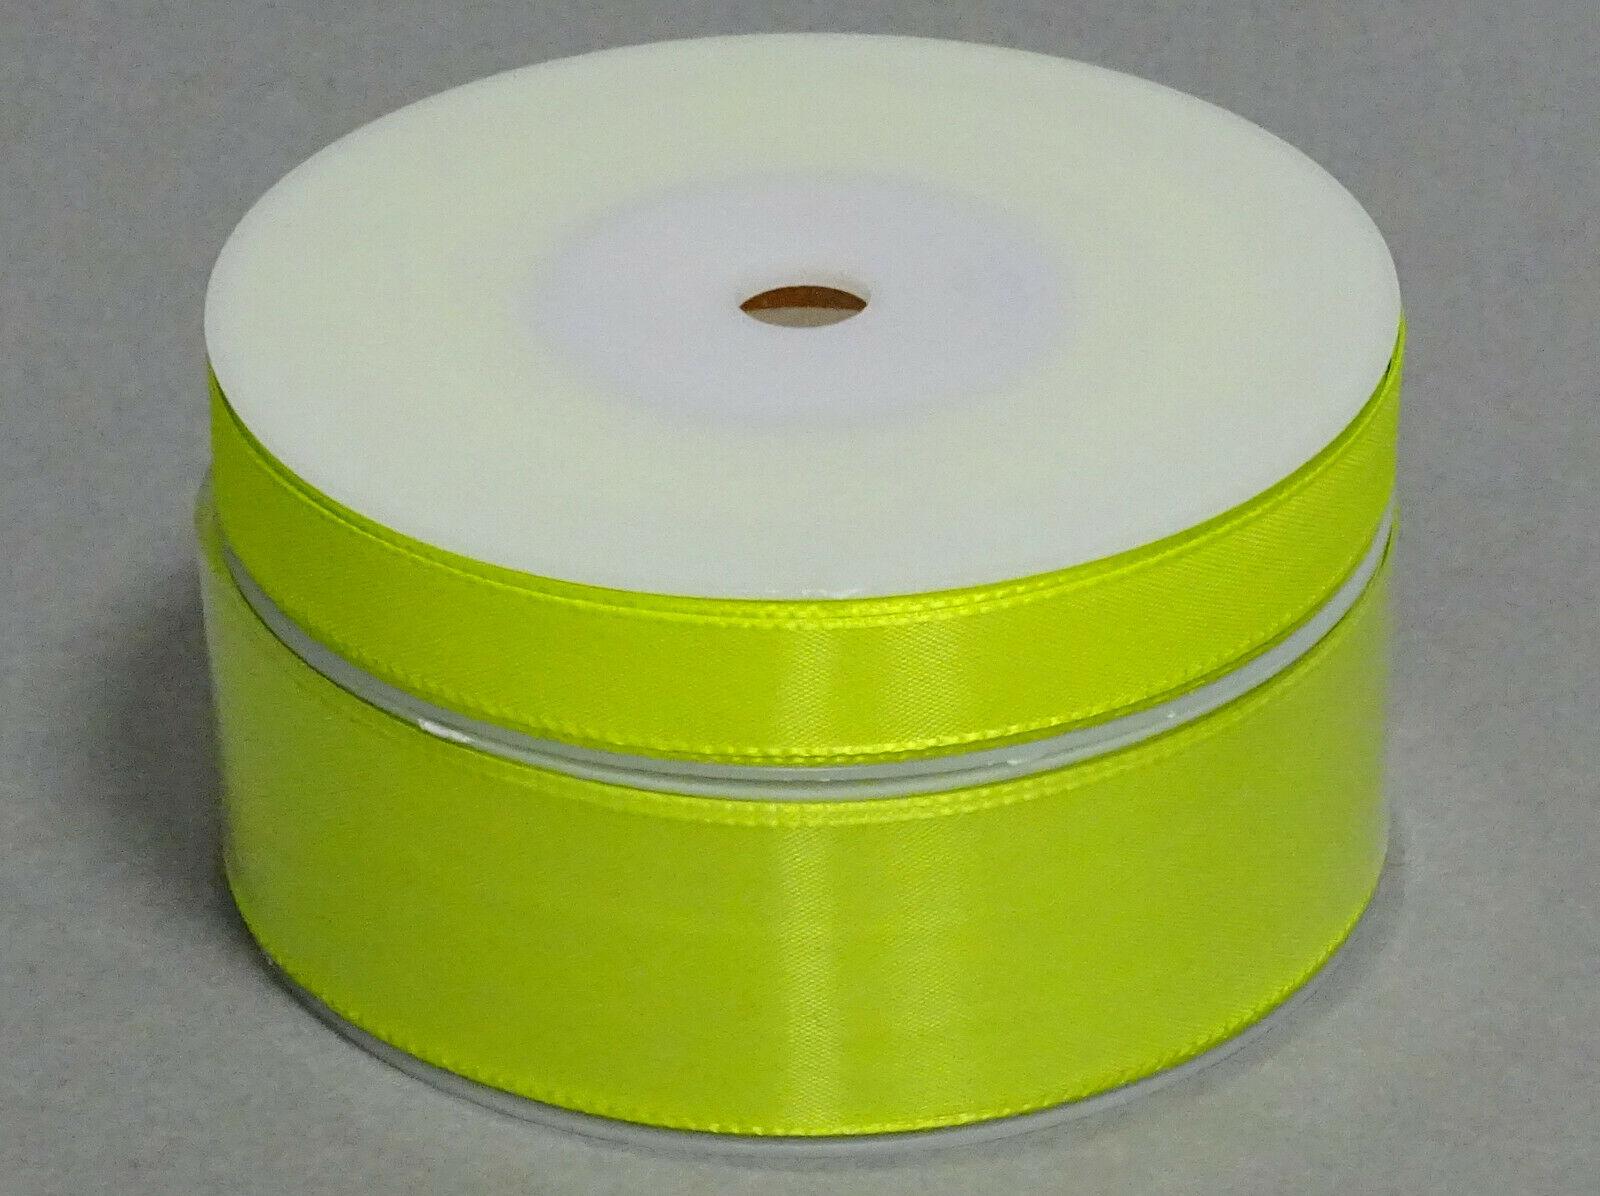 Seidenband Schleifenband 50 m x 15 / 25 / 40mm Dekoband ab 0,08€/m Geschenkband  - Lime-Grün 683, 40 mm x 50 m